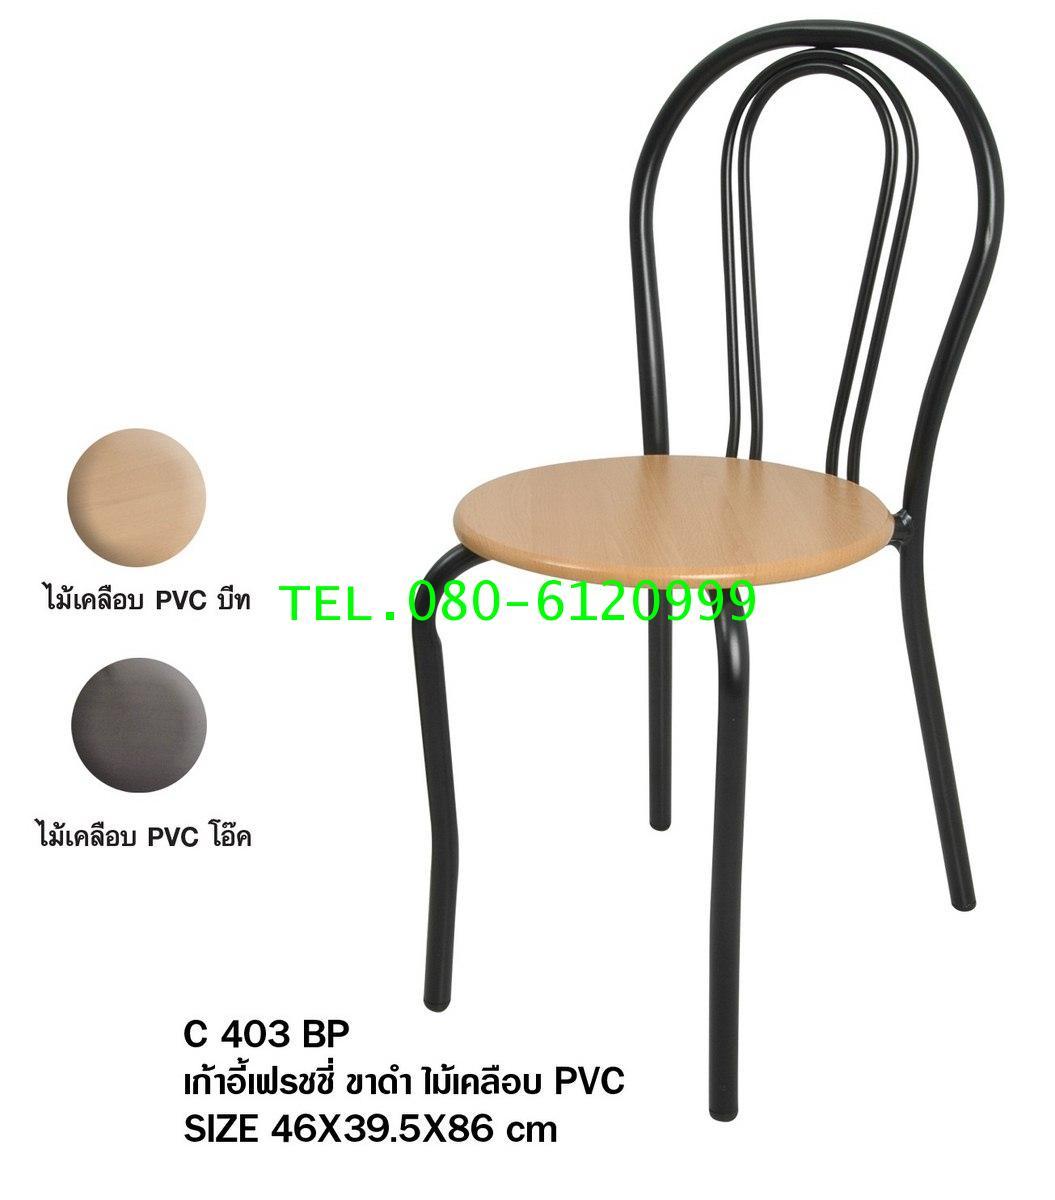 pmy29-15 ������������������������������������������ ������������ ��������������������������� PVC